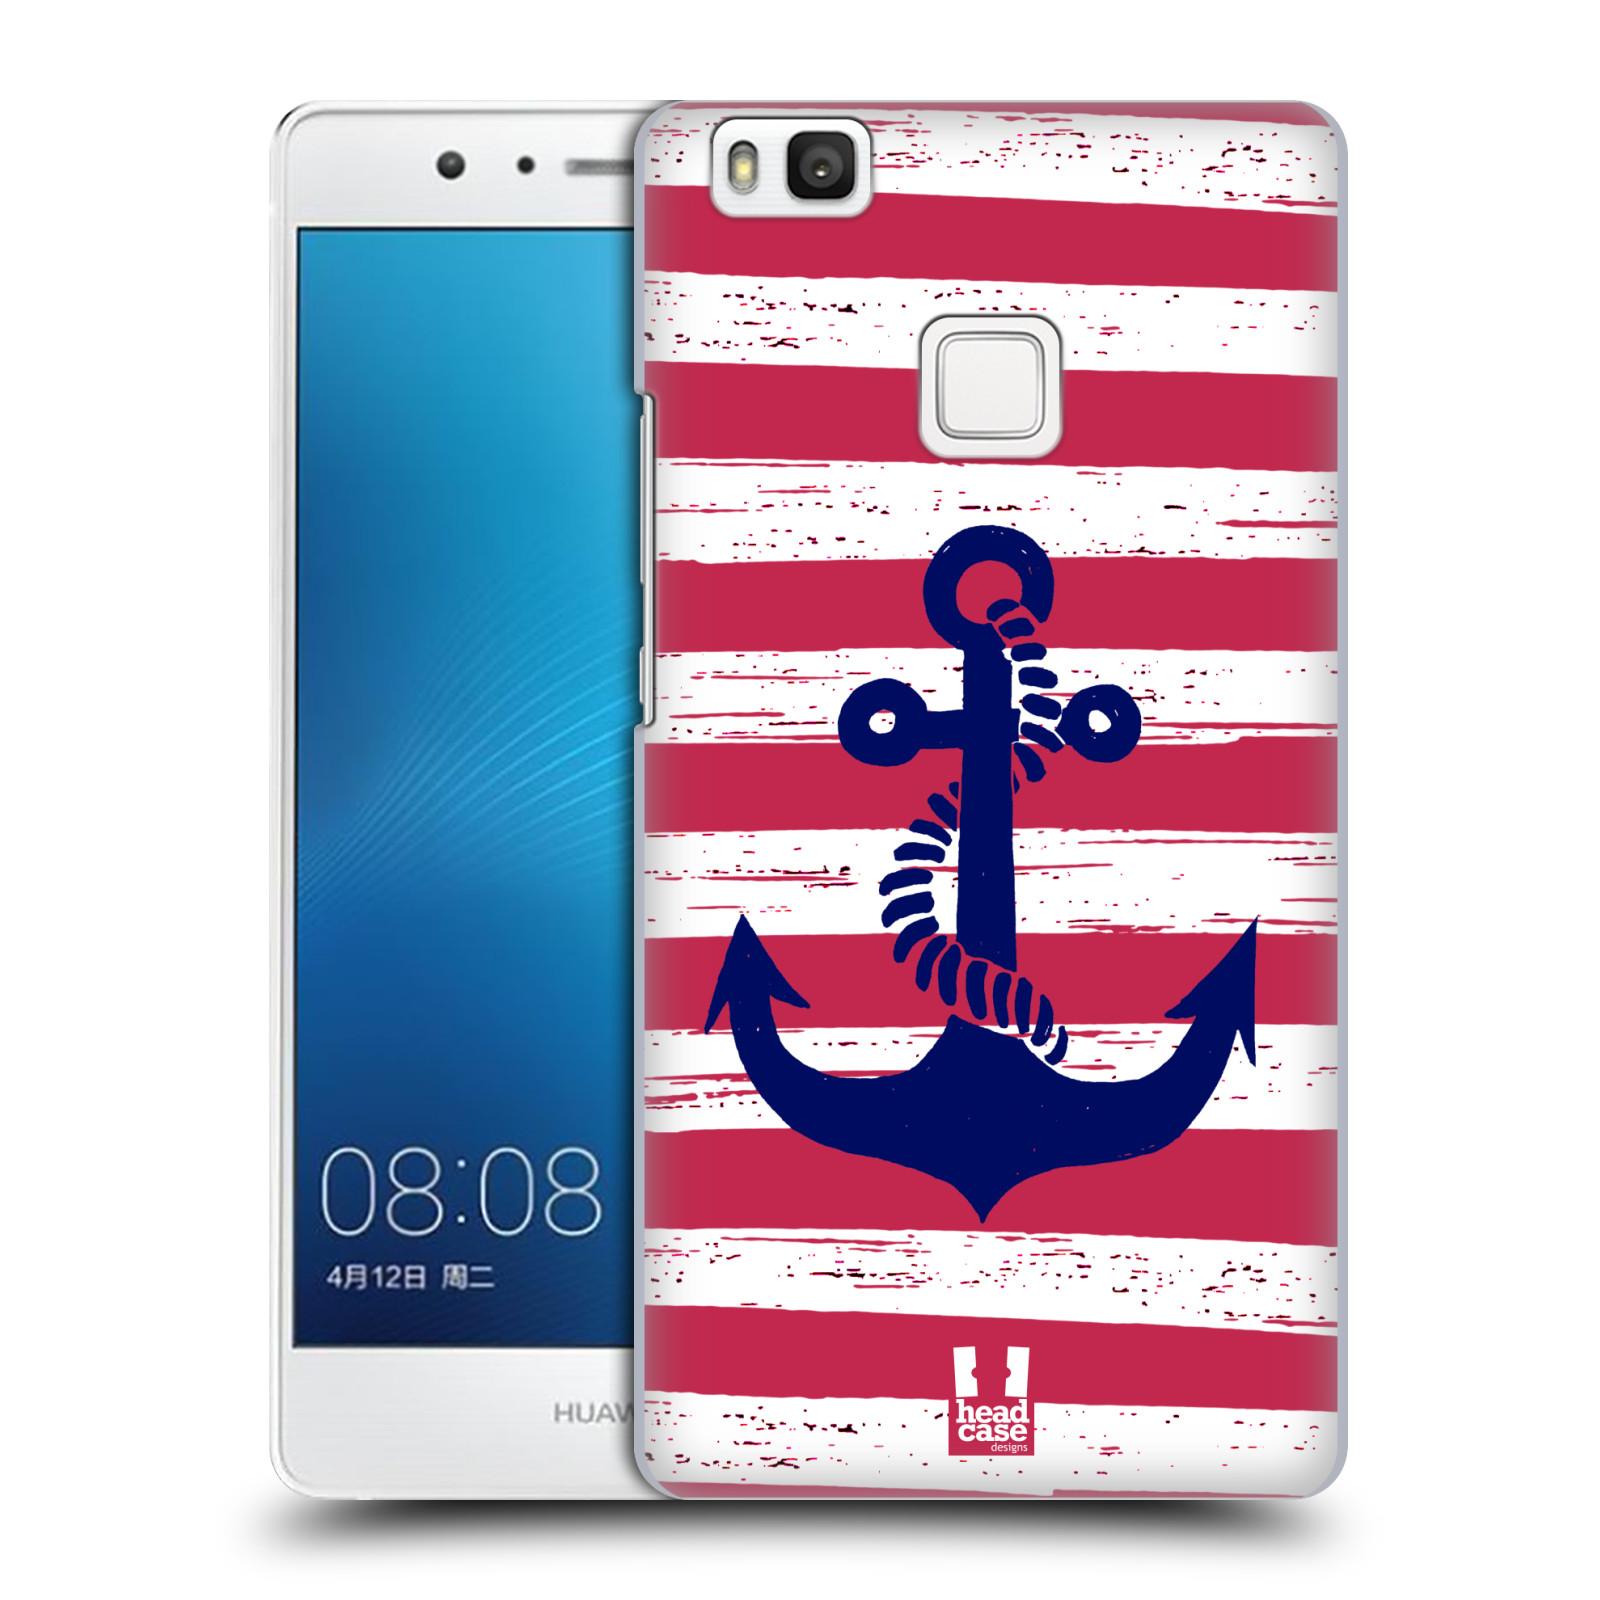 Plastové pouzdro na mobil Huawei P9 Lite HEAD CASE KOTVA S PRUHY